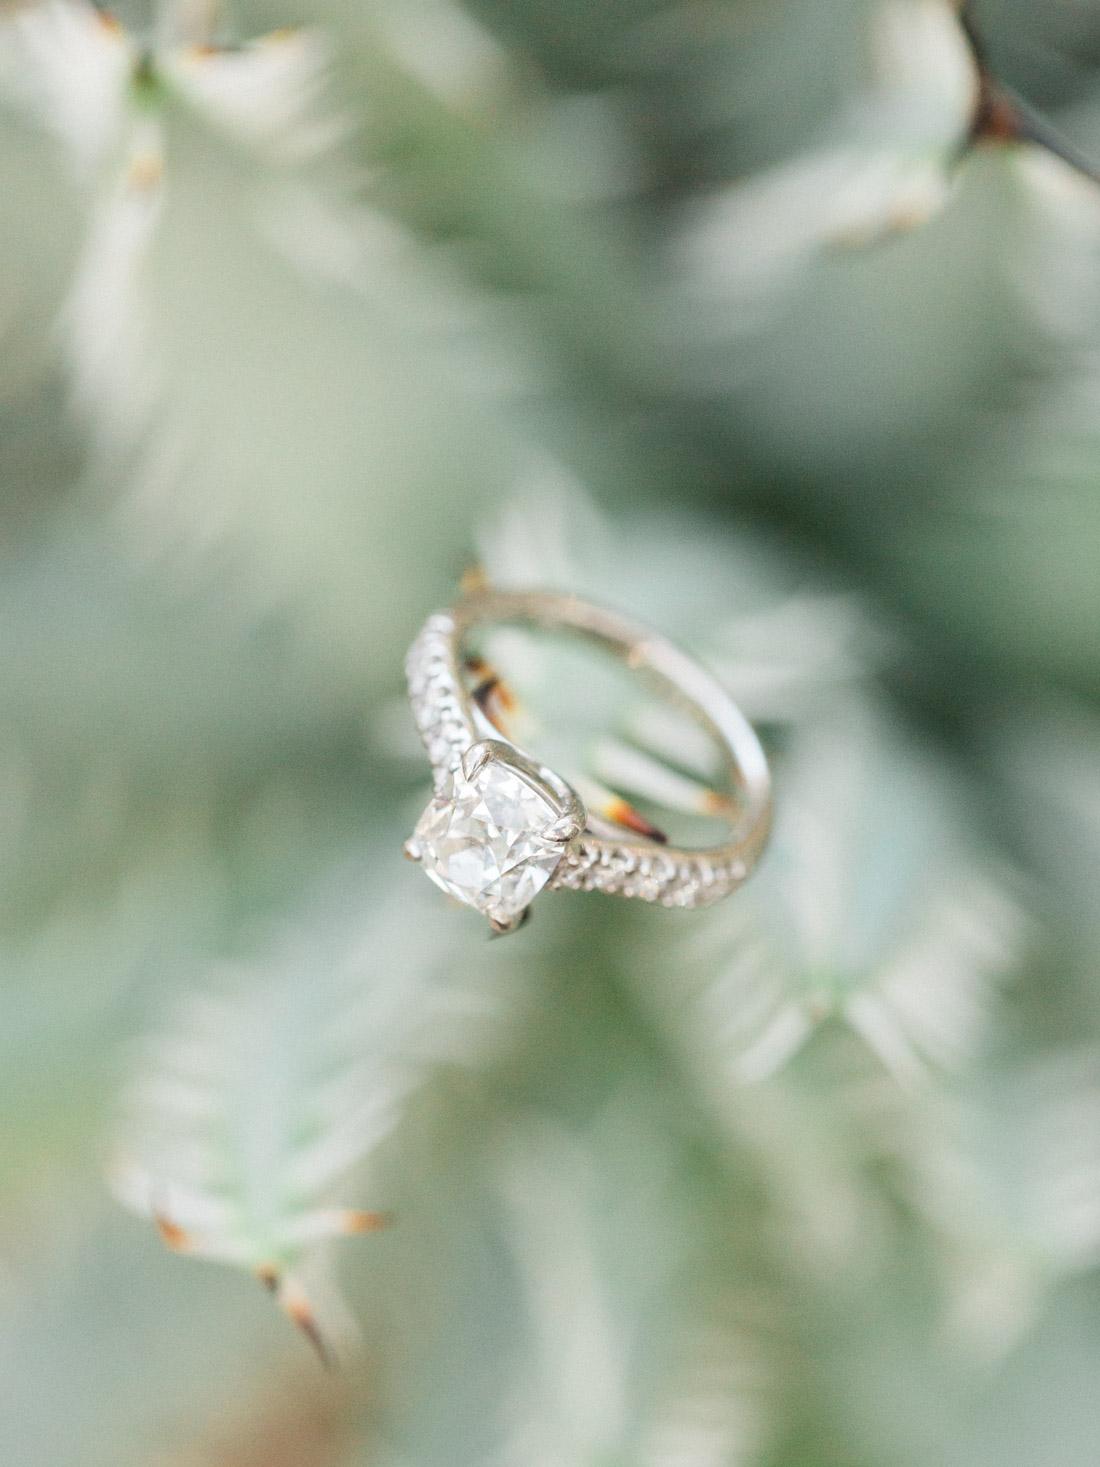 cactus-engagement-ring-shot.jpg